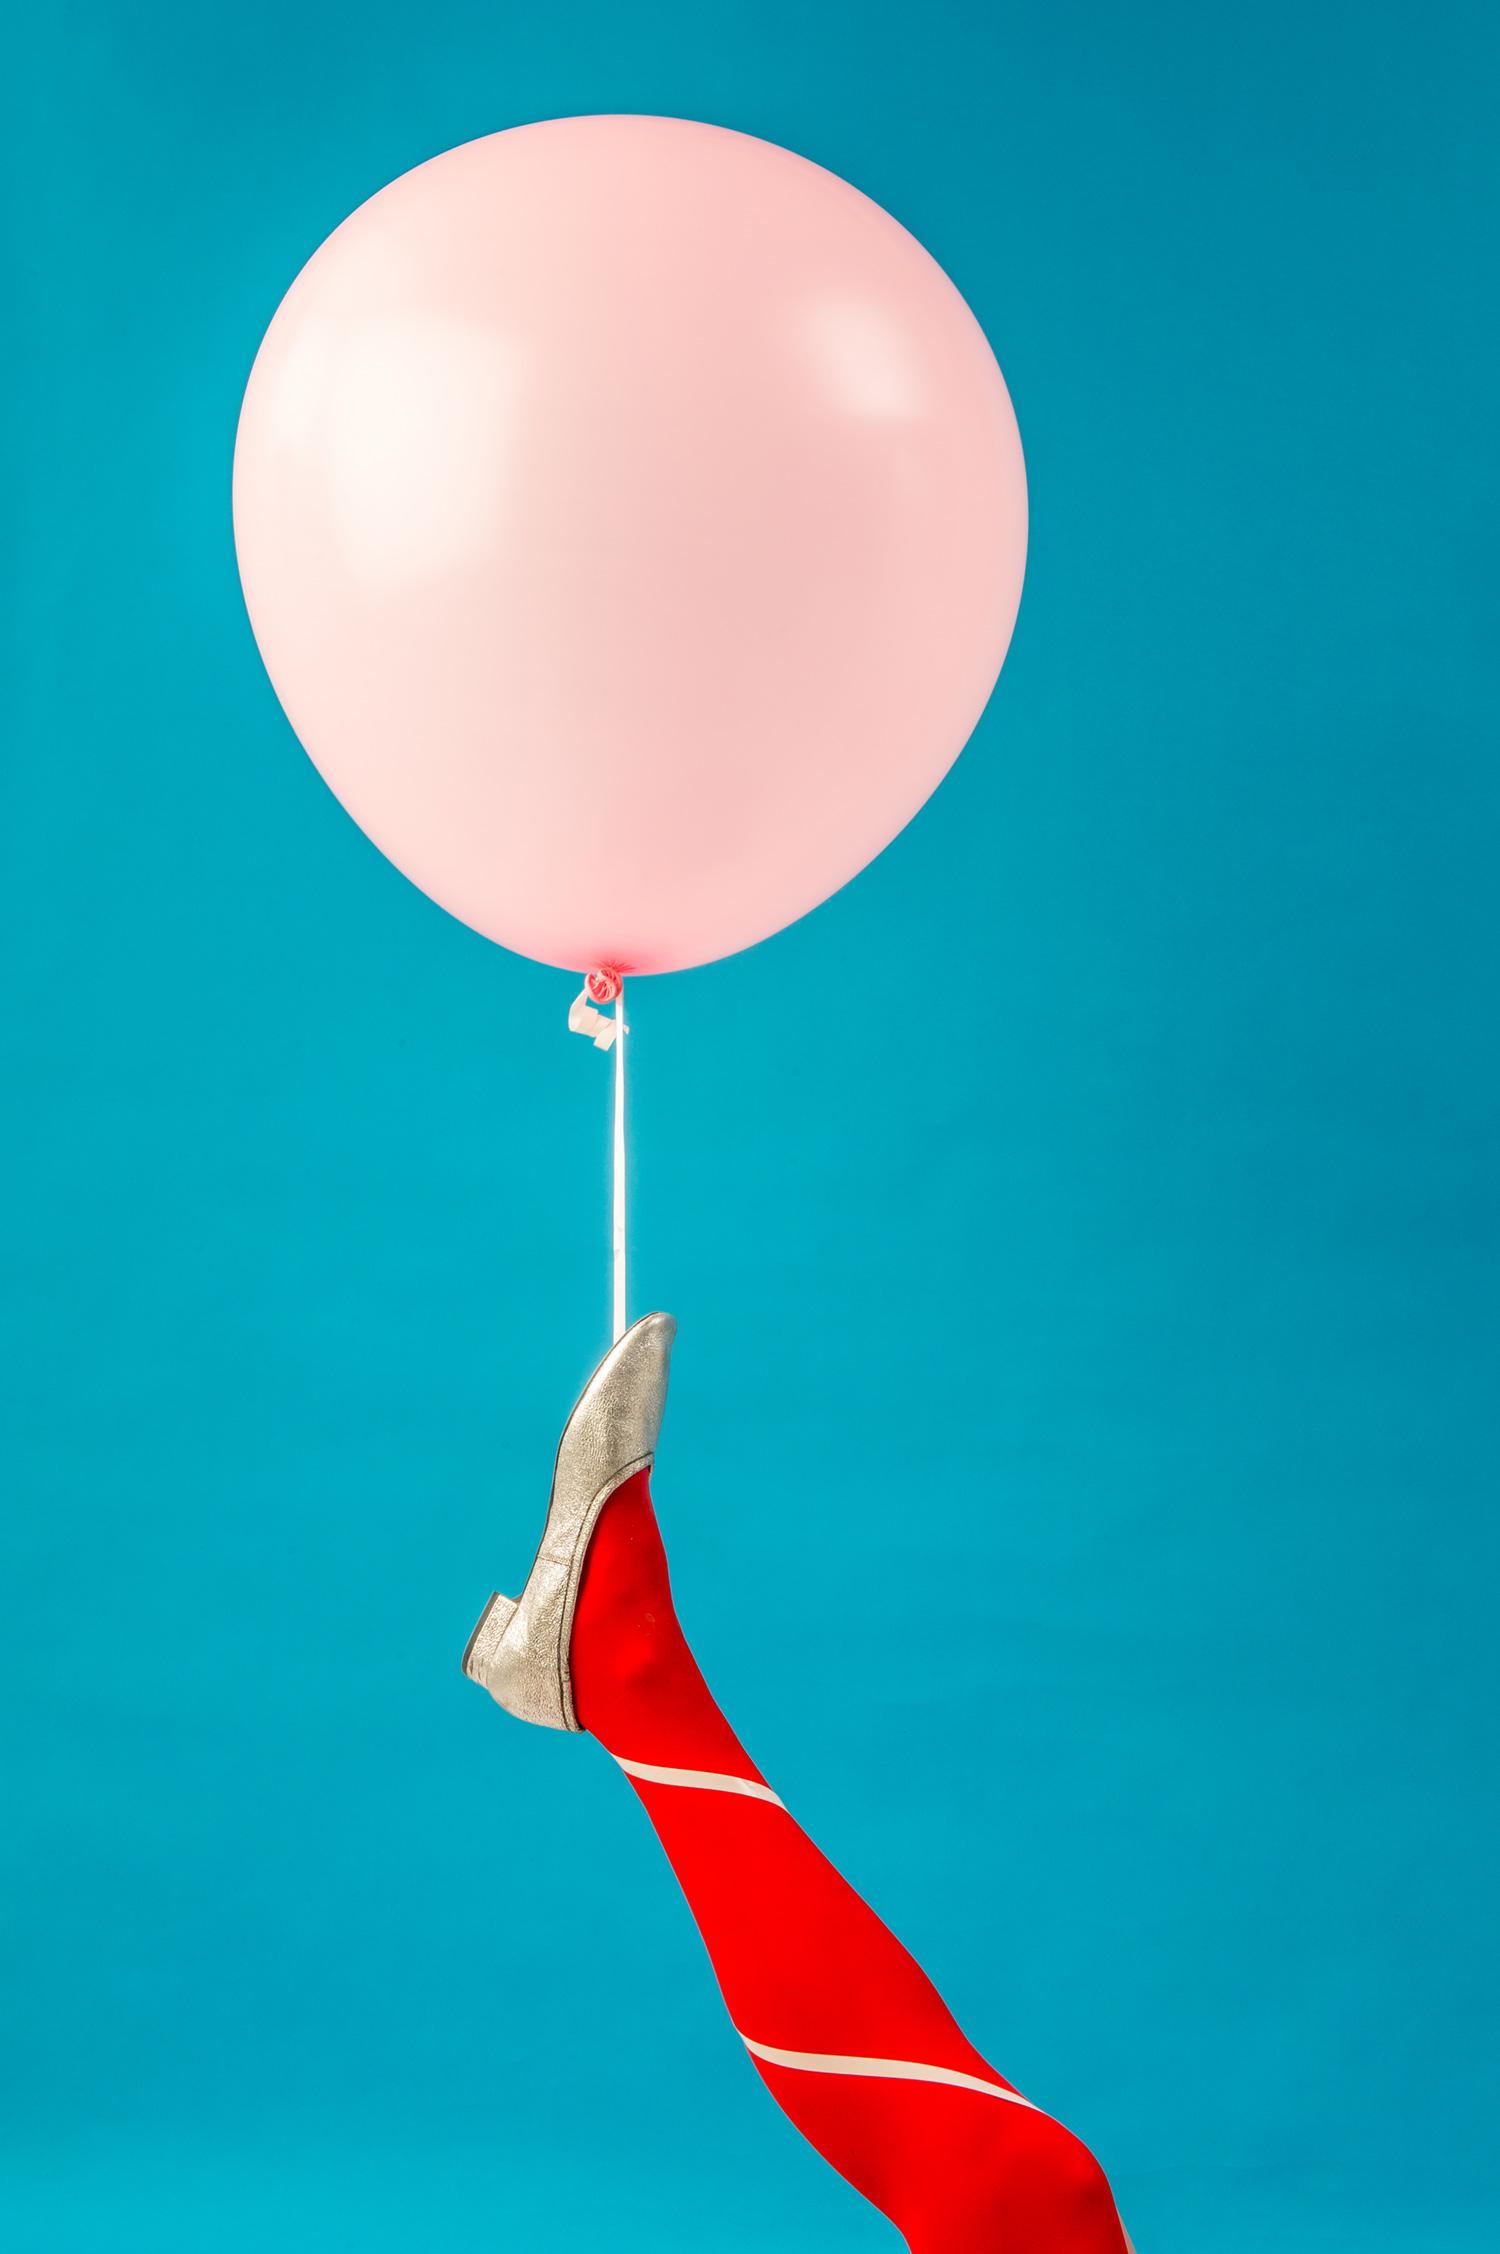 rosa jätteballong